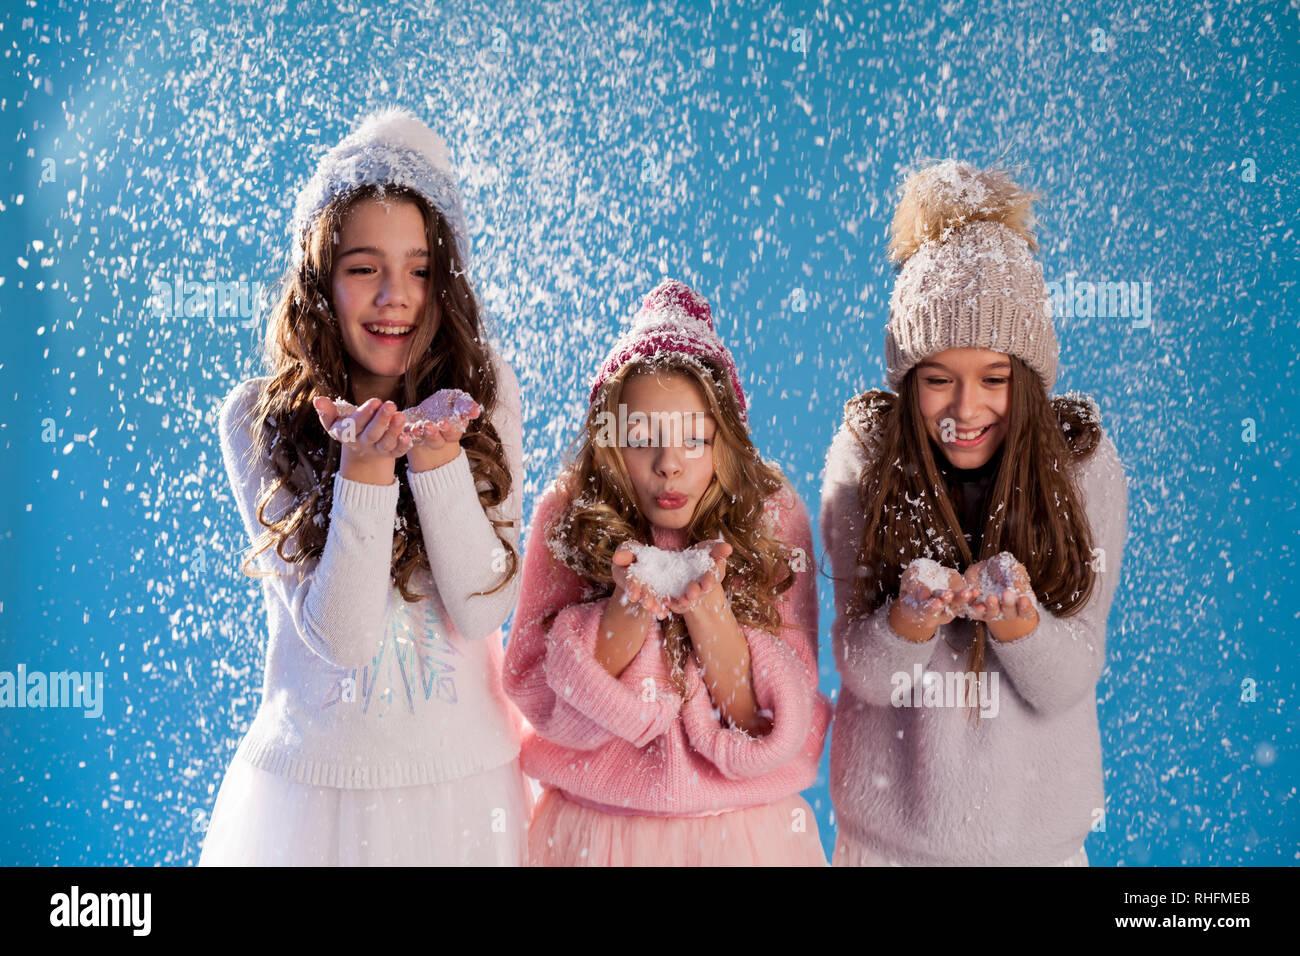 Tres chicas Moda sombreros tejidos en invierno la nieve del invierno Imagen  De Stock 1a9e6b4ea62